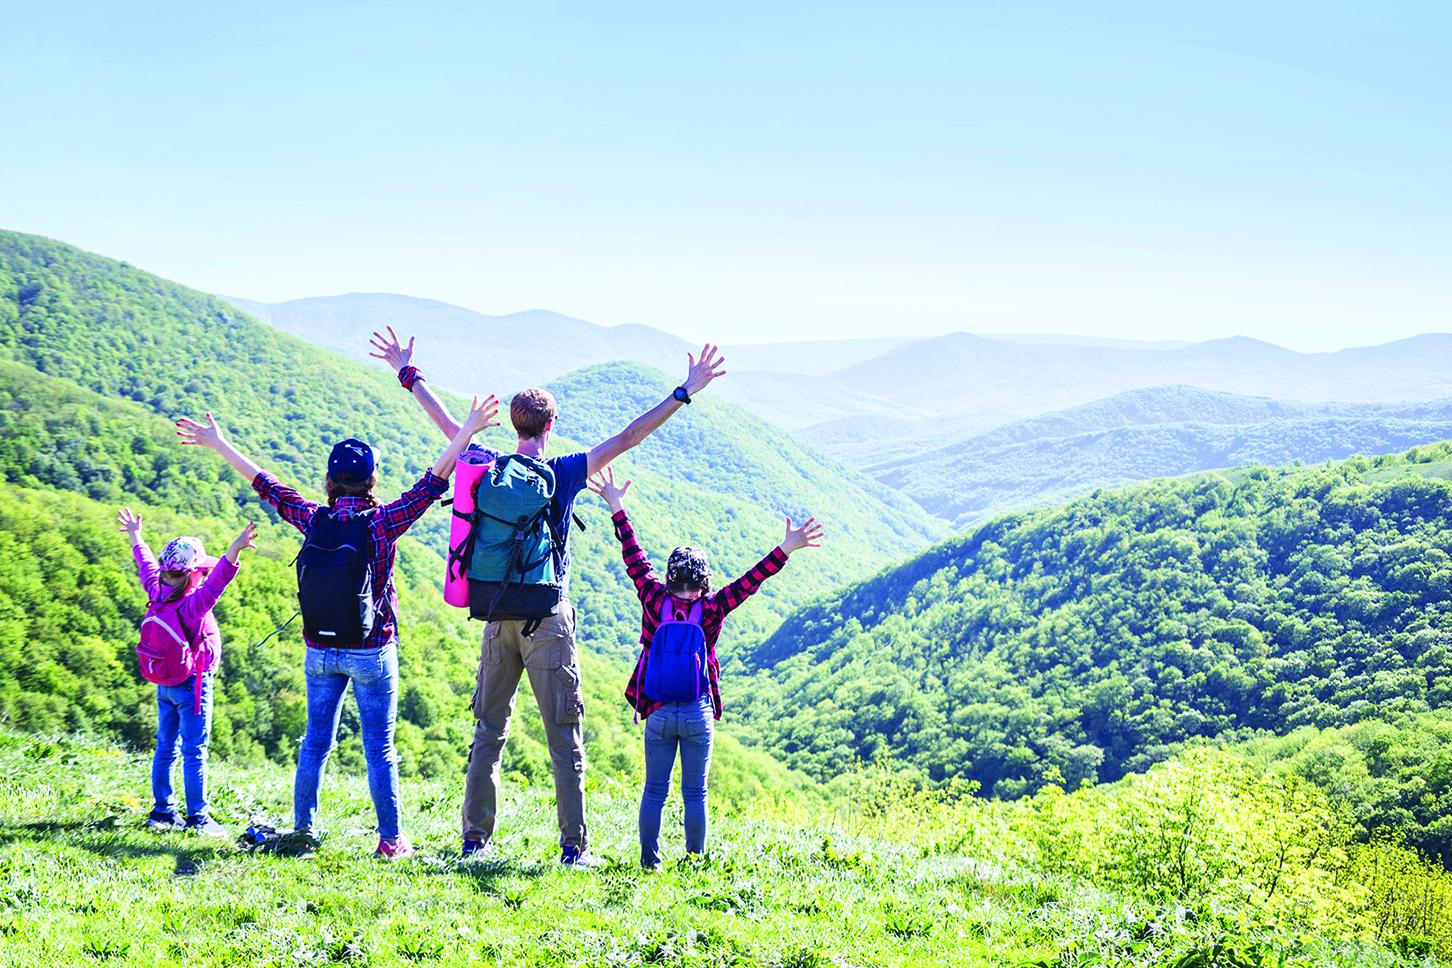 對於喜歡大自然的人來說,露營是令人感到愉快的事情!